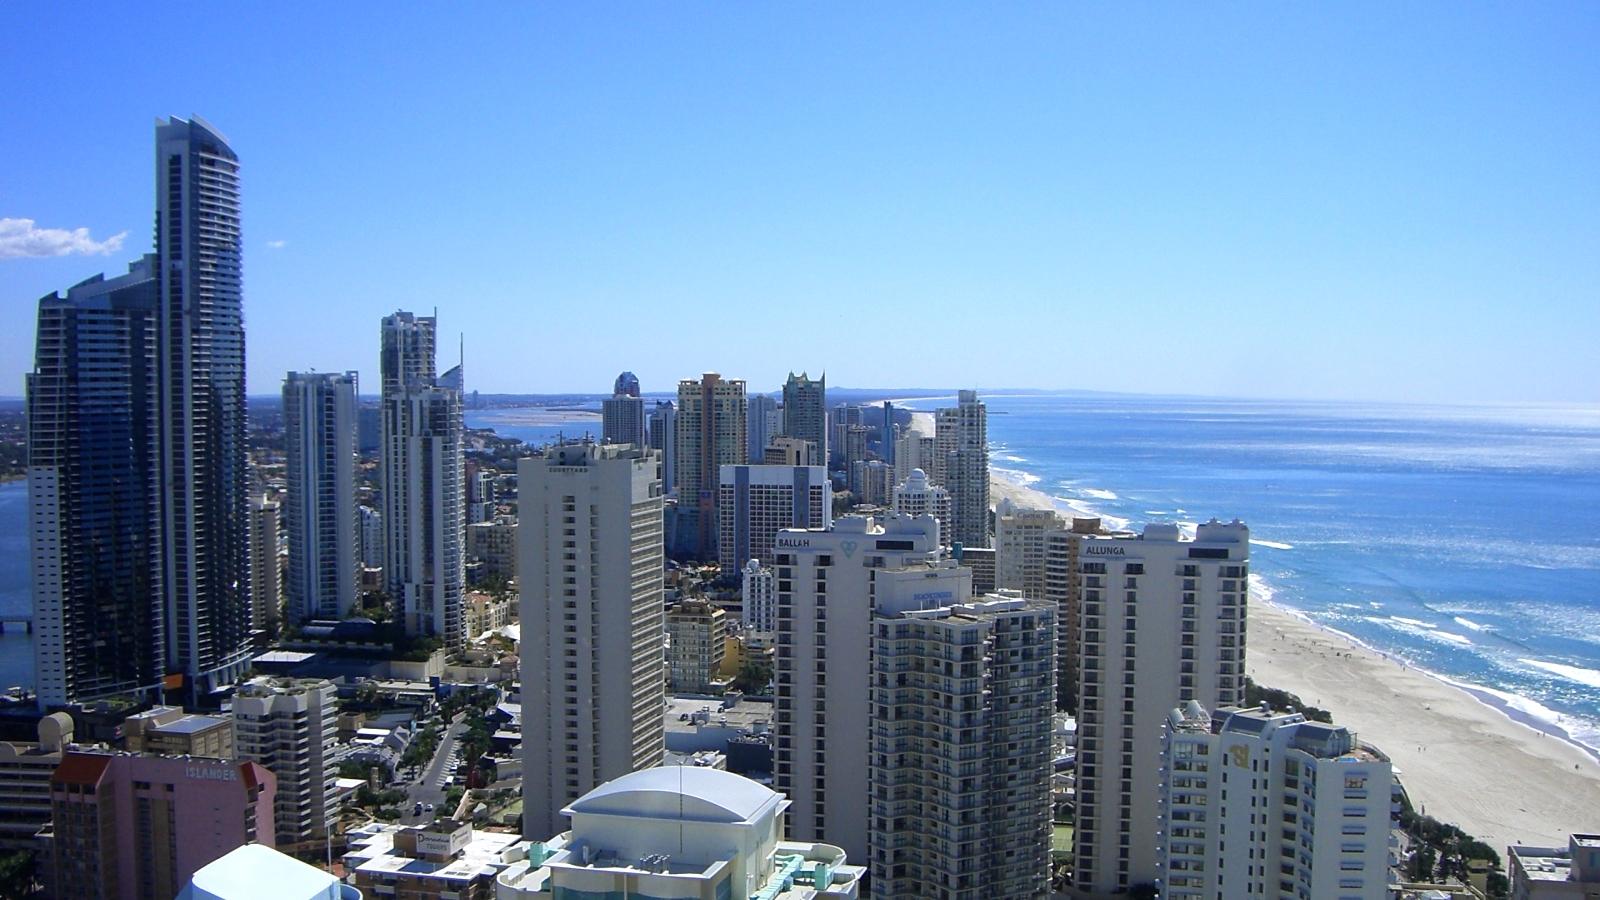 オーストラリア16日目:ゴールドコーストの街を眺めつつ、朝から誕生パーティー!